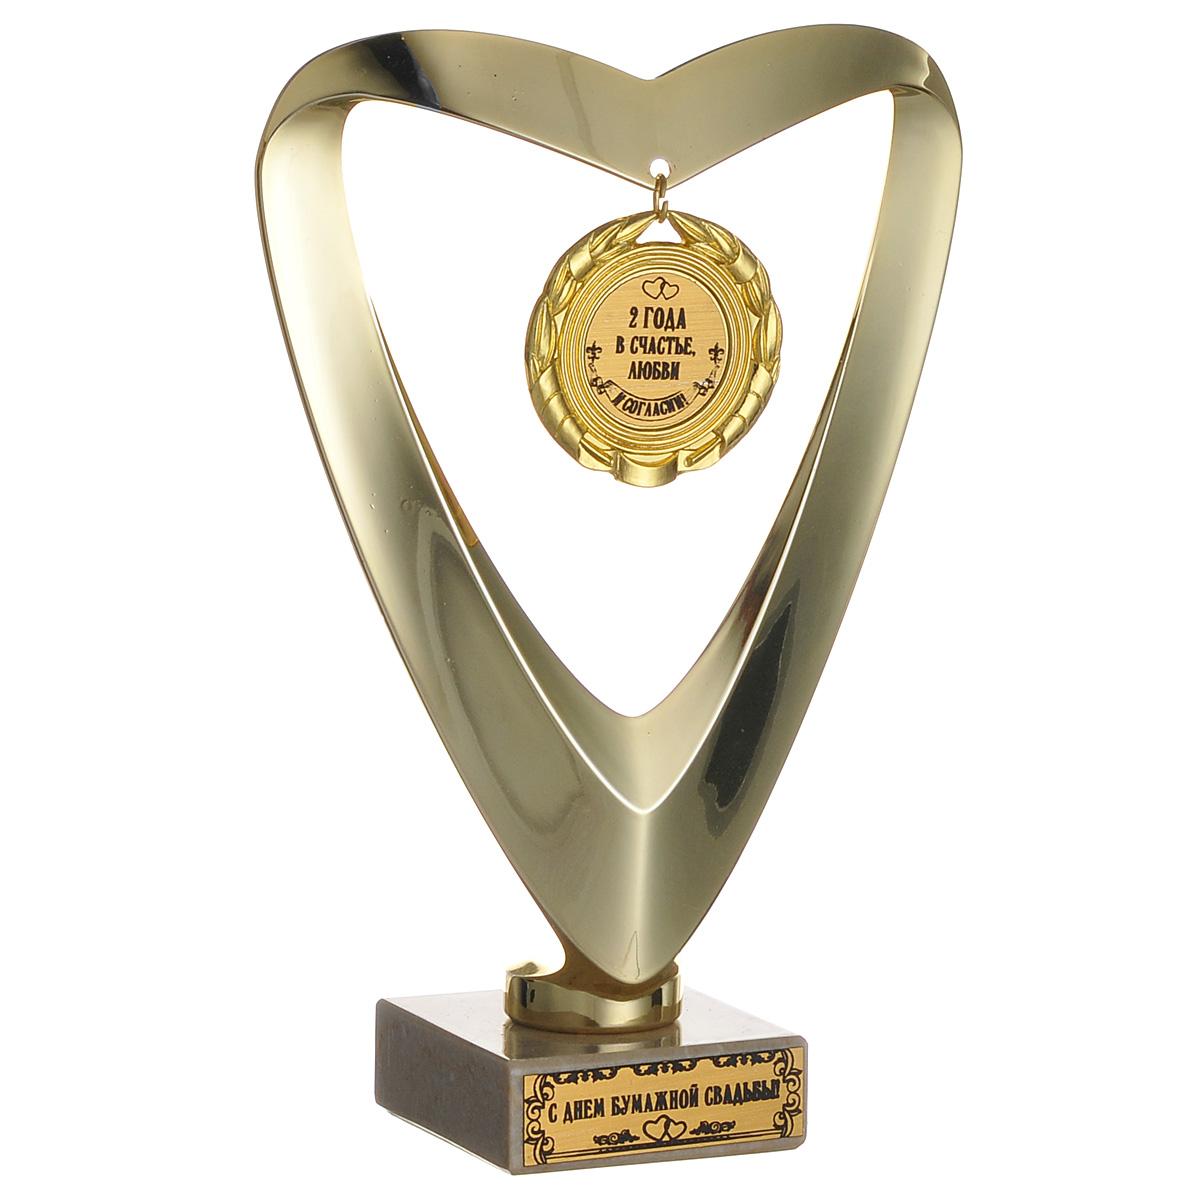 Кубок 2 года в счастье, любви и согласии, высота 15 см74-0120Кубок 2 года в счастье, любви и согласии станет замечательным сувениром. Кубок выполнен из пластика с золотистым покрытием. Основание изготовлено из искусственного мрамора. Такой кубок обязательно порадует получателя, вызовет улыбку и массу положительных эмоций.